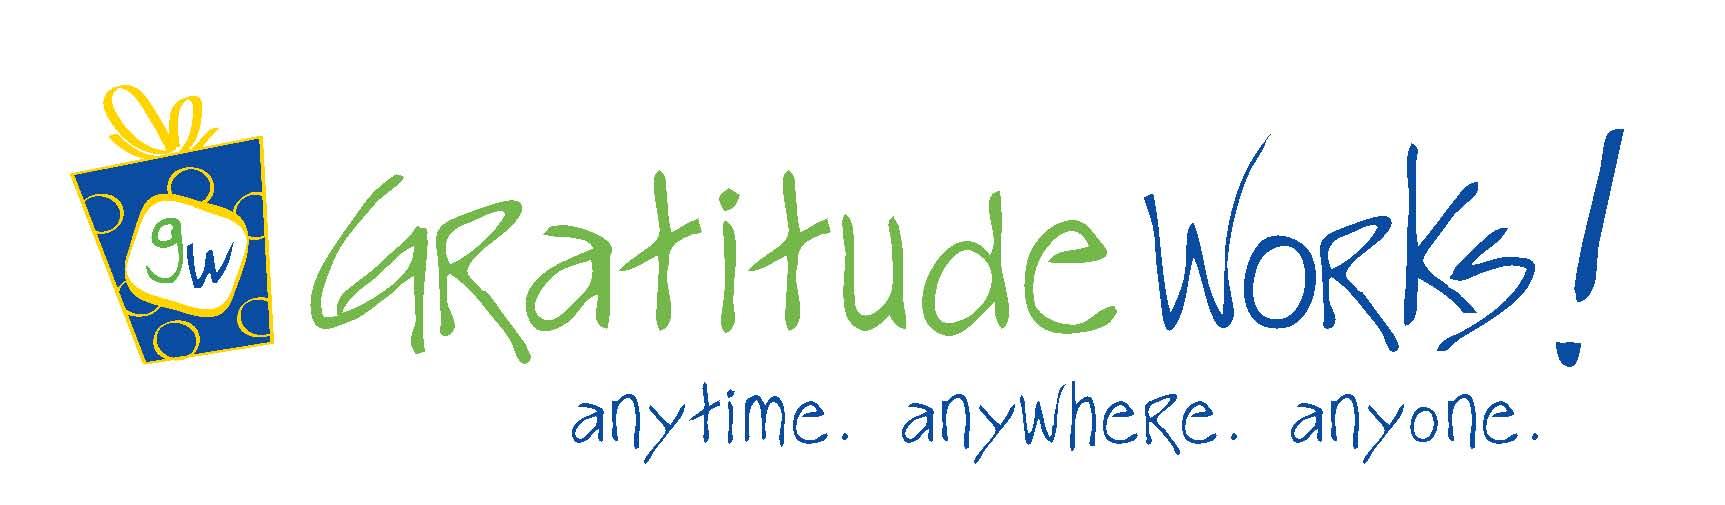 Gratitude Works - Tagline